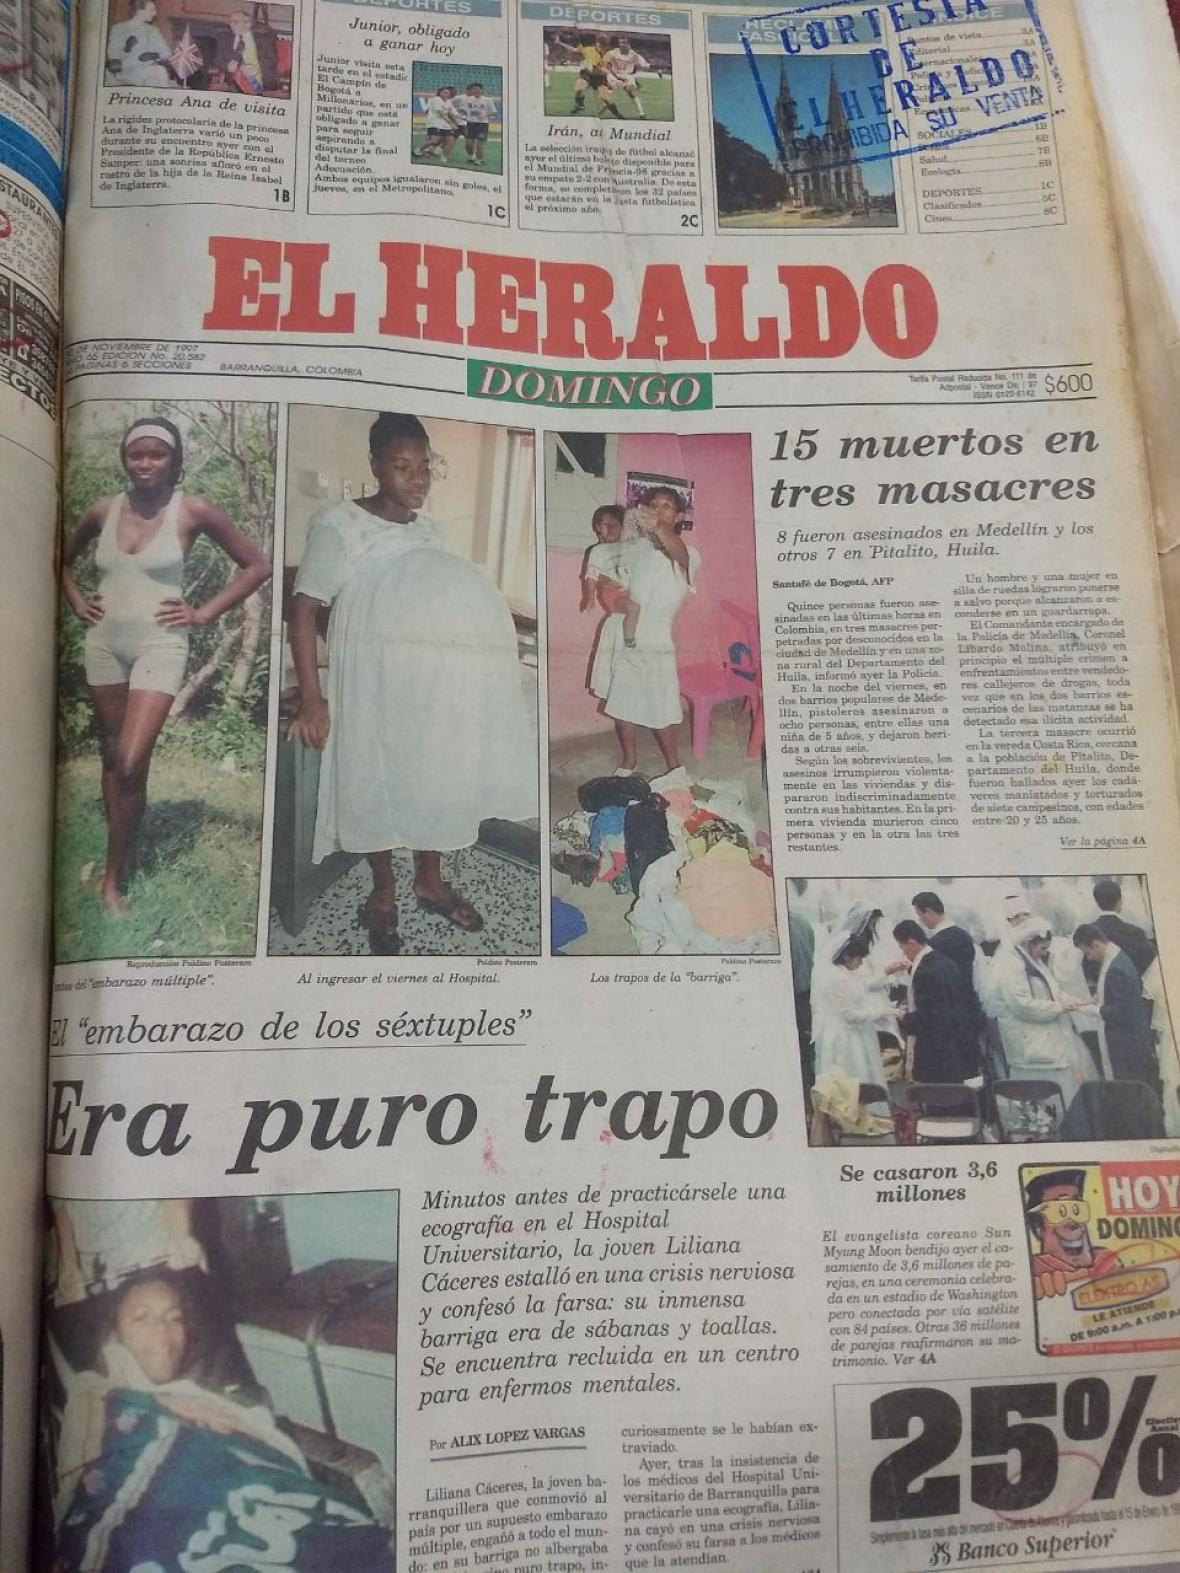 Página principal de EL HERALDO el 30/11/97.